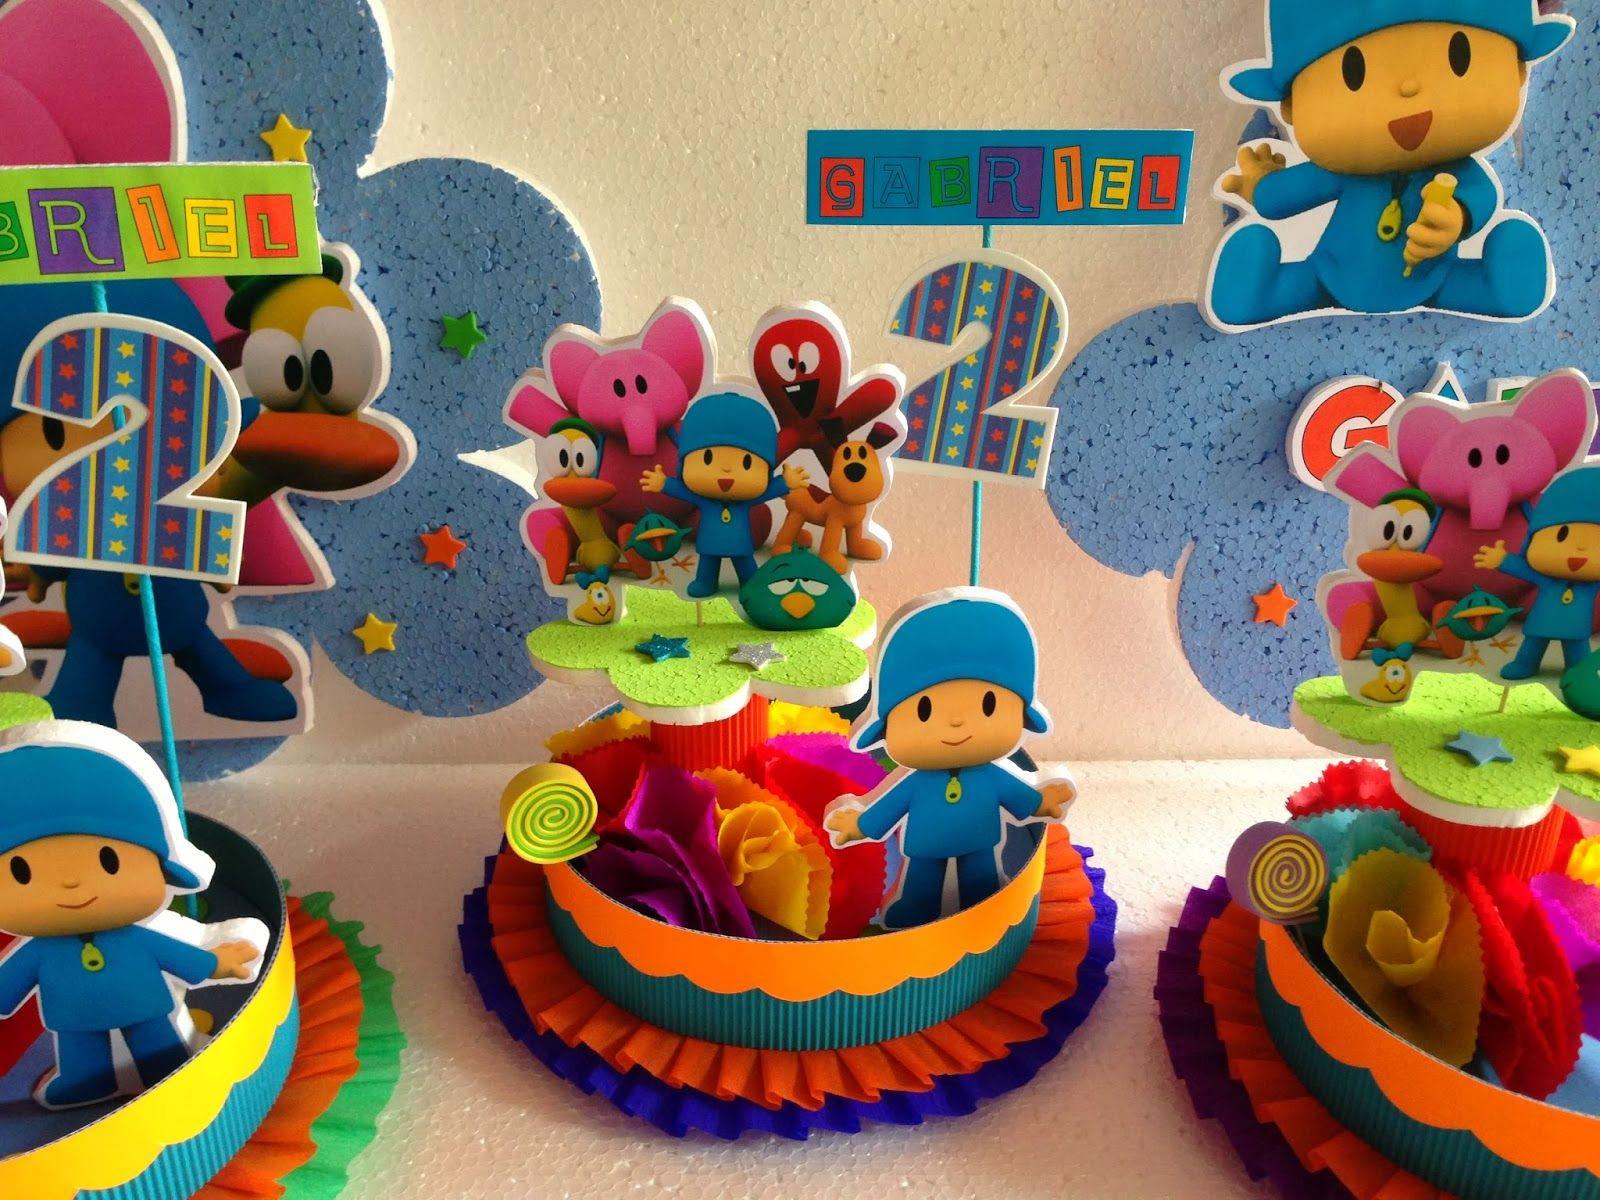 Decoraciones infantiles enero 2014 ideas para fiestas - Decoraciones para cumpleanos infantiles ...